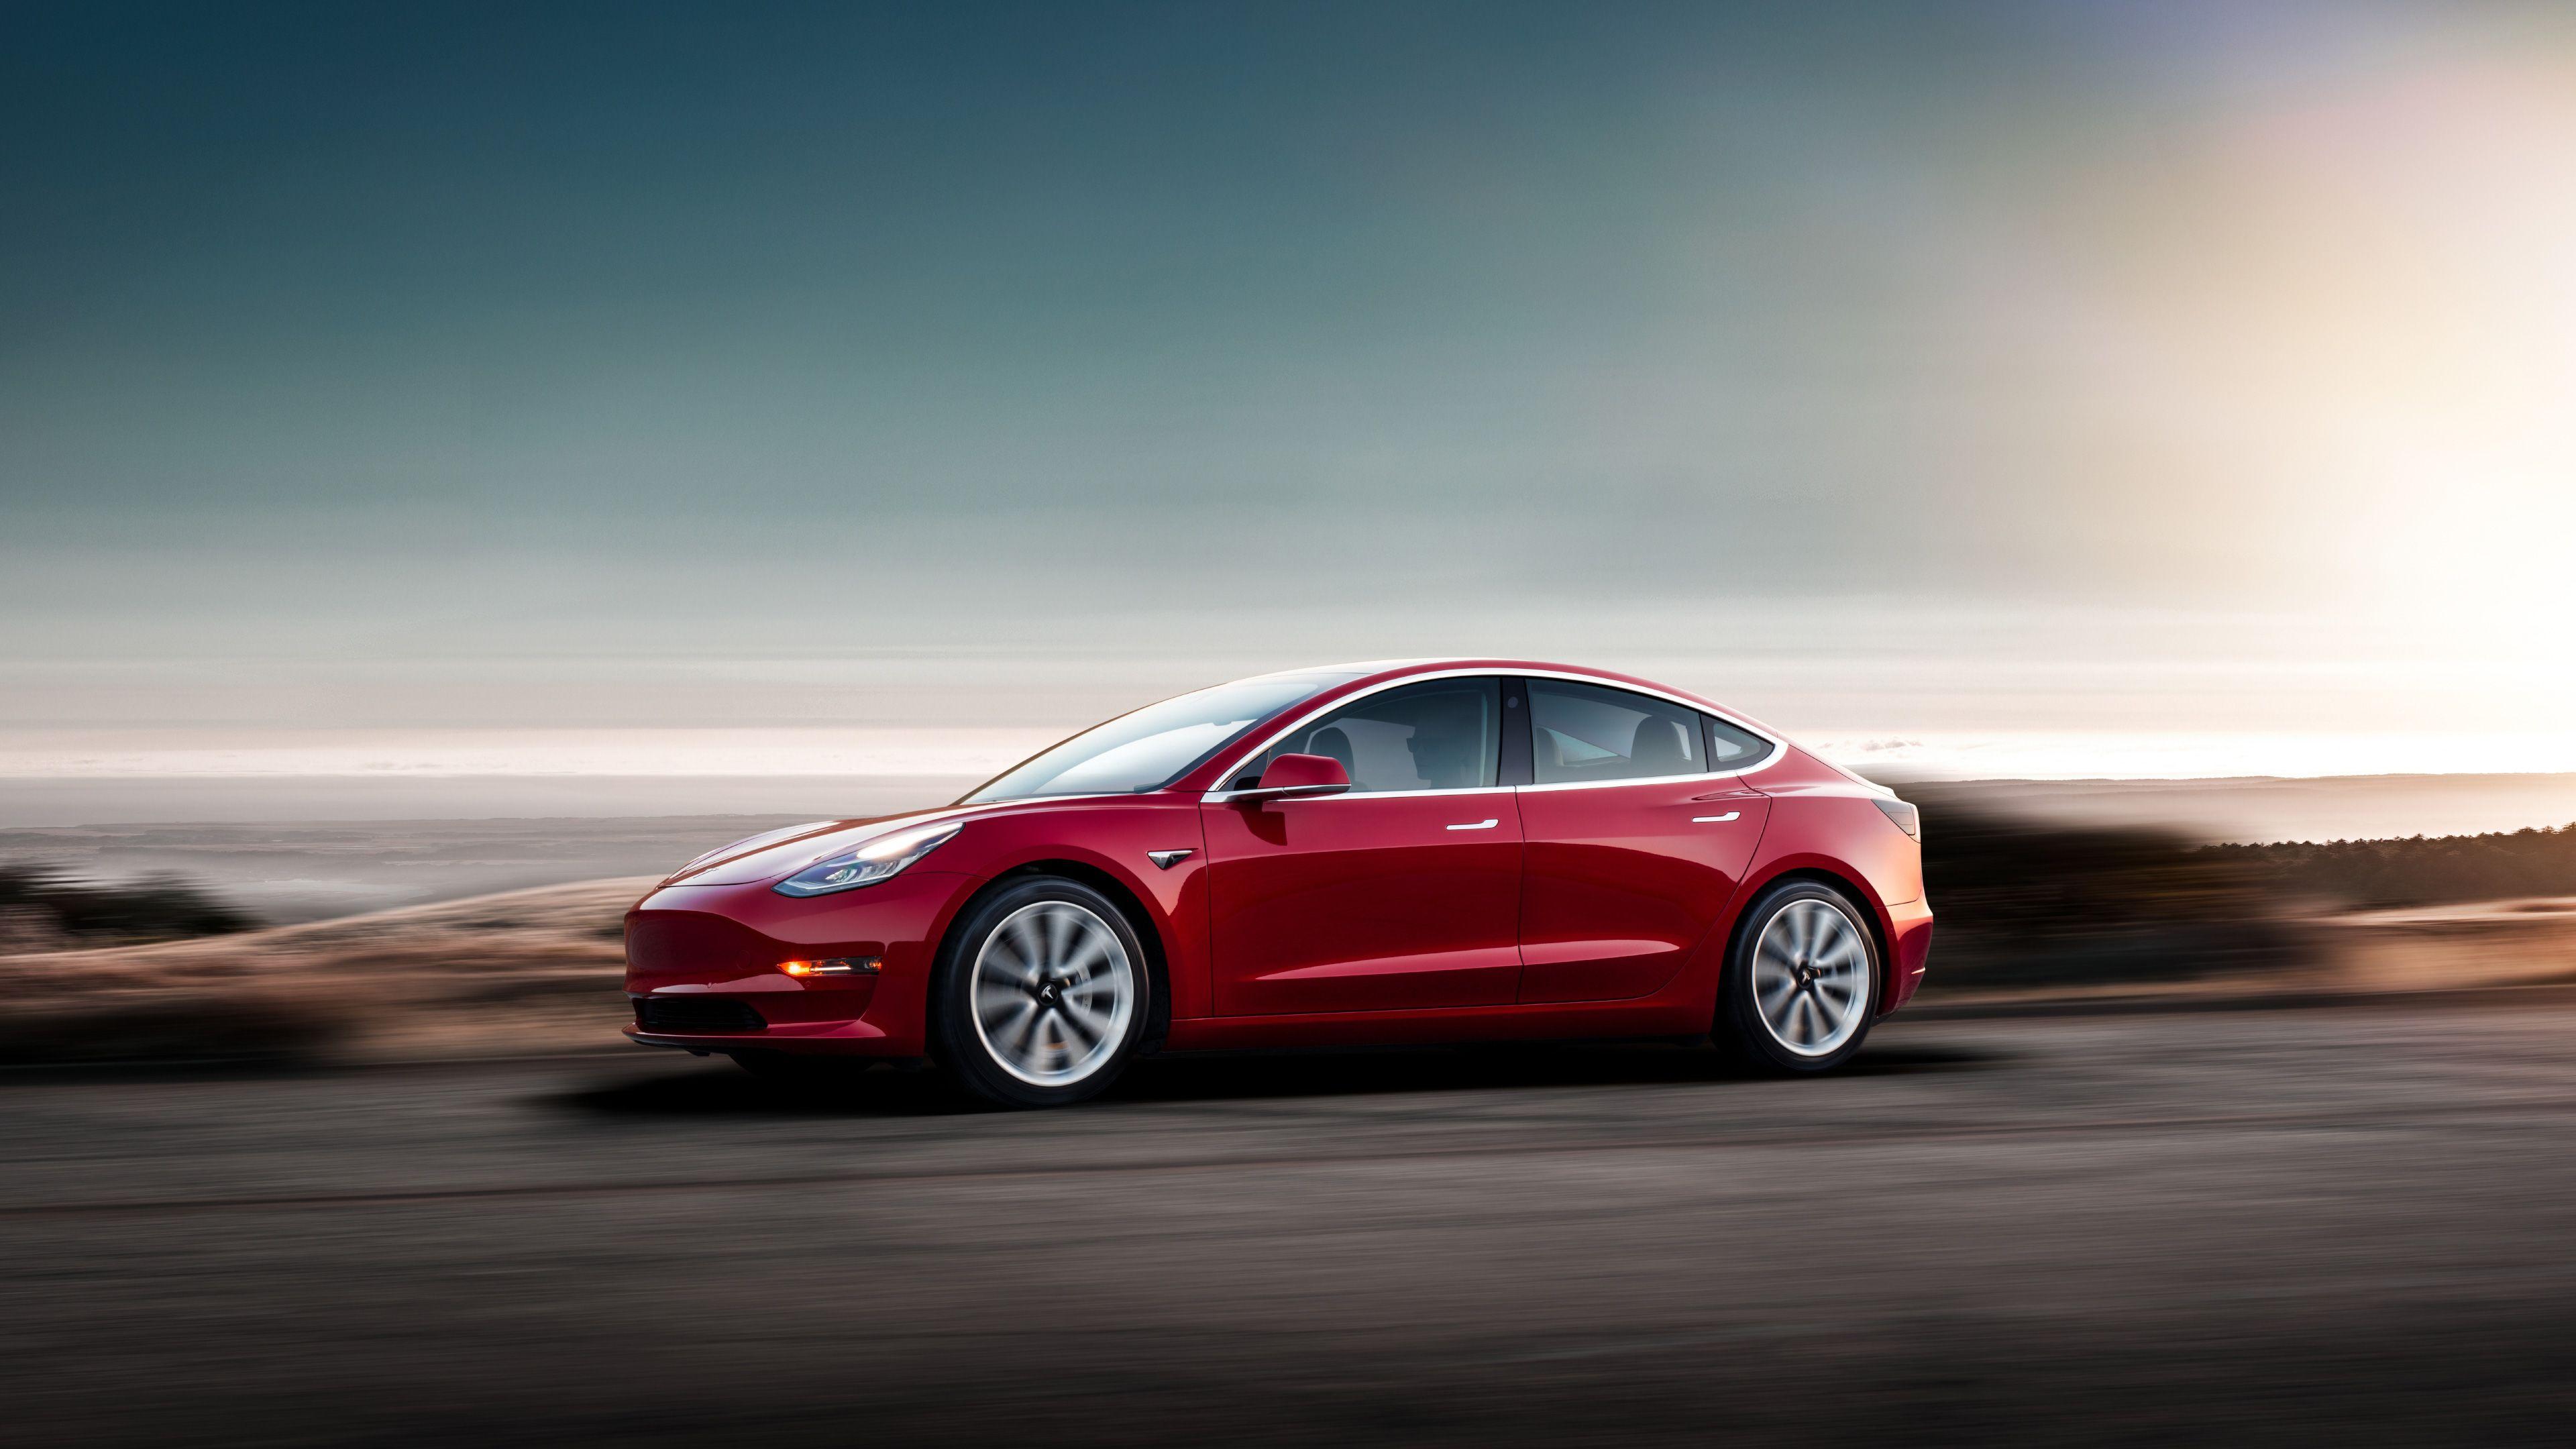 2018 Tesla Model 3 Tesla Wallpapers Tesla Model 3 Wallpapers Hd Wallpapers Cars Wallpapers 4k Wallpapers 2018 Cars Wallpap Tesla Model Tesla Electric Cars